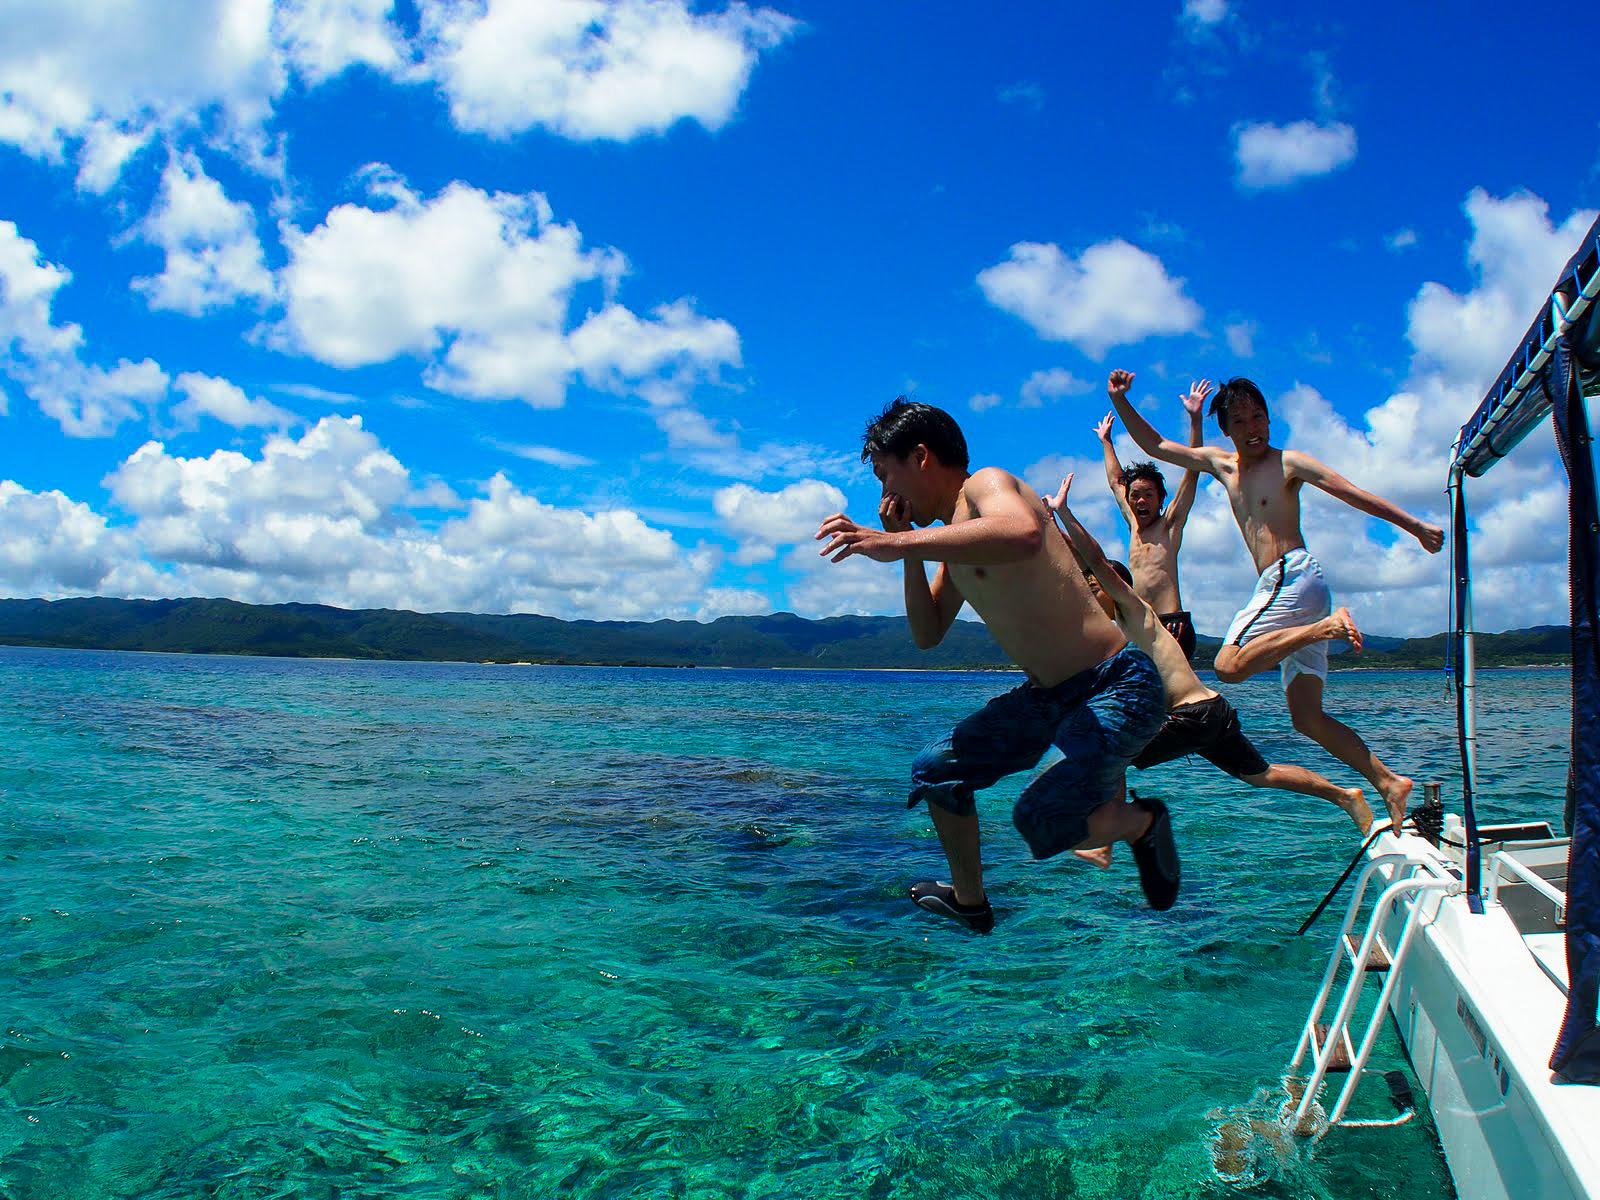 石垣島の海を船からダイブしてシュノーケルを楽しむ